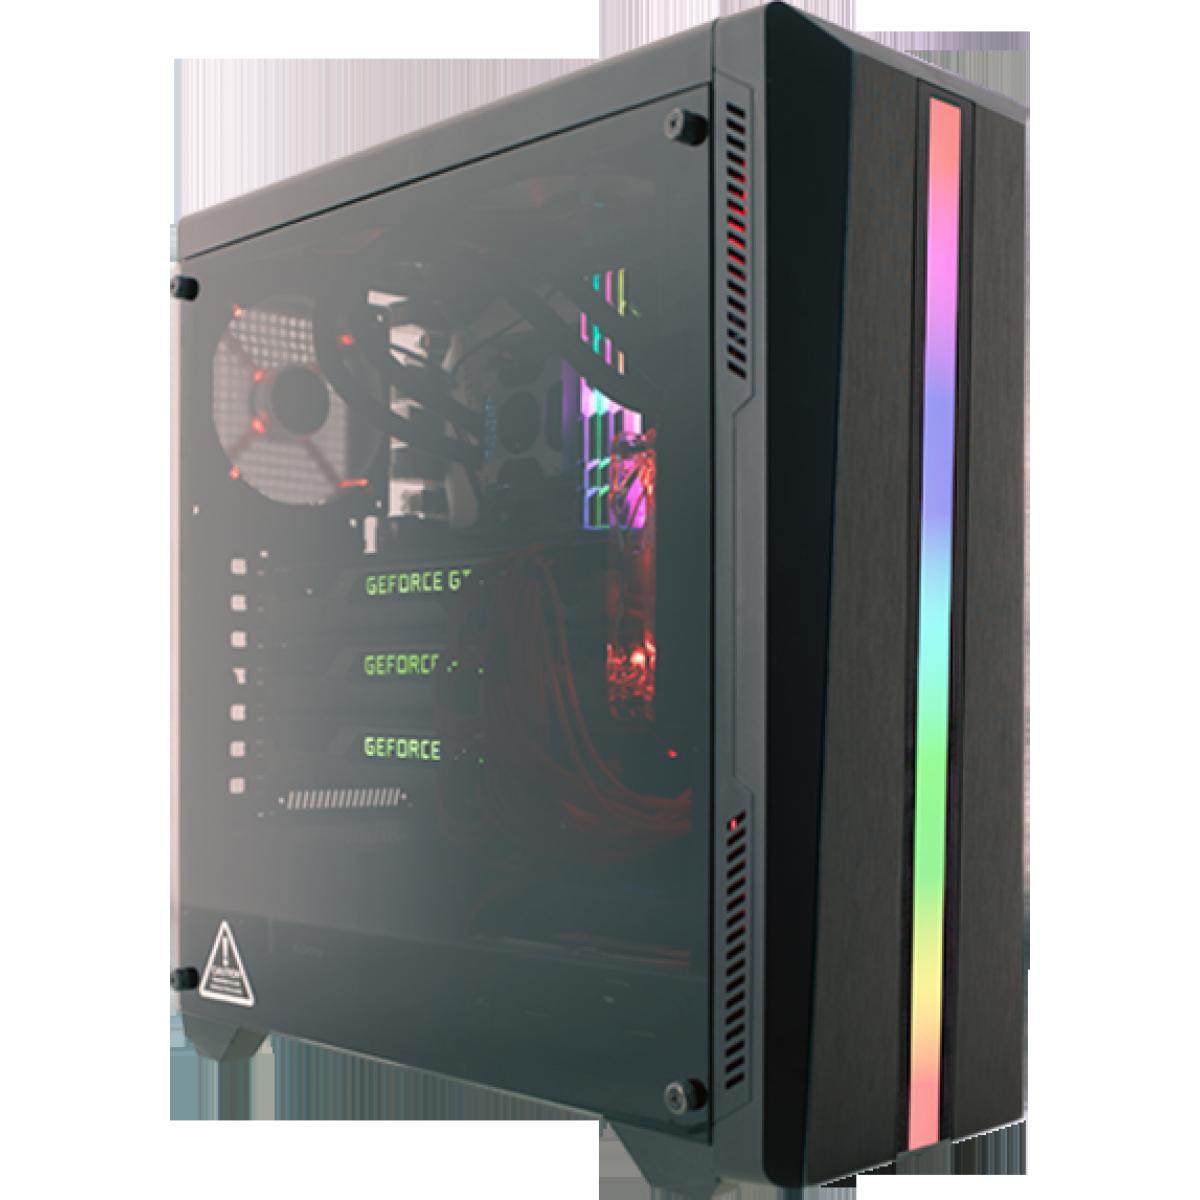 Pc Gamer T-power Special Edition Intel I7 9700K 3.60GHz / GeForce RTX 2080 8Gb / 8Gb DDR4 / Hd 1Tb / 750W